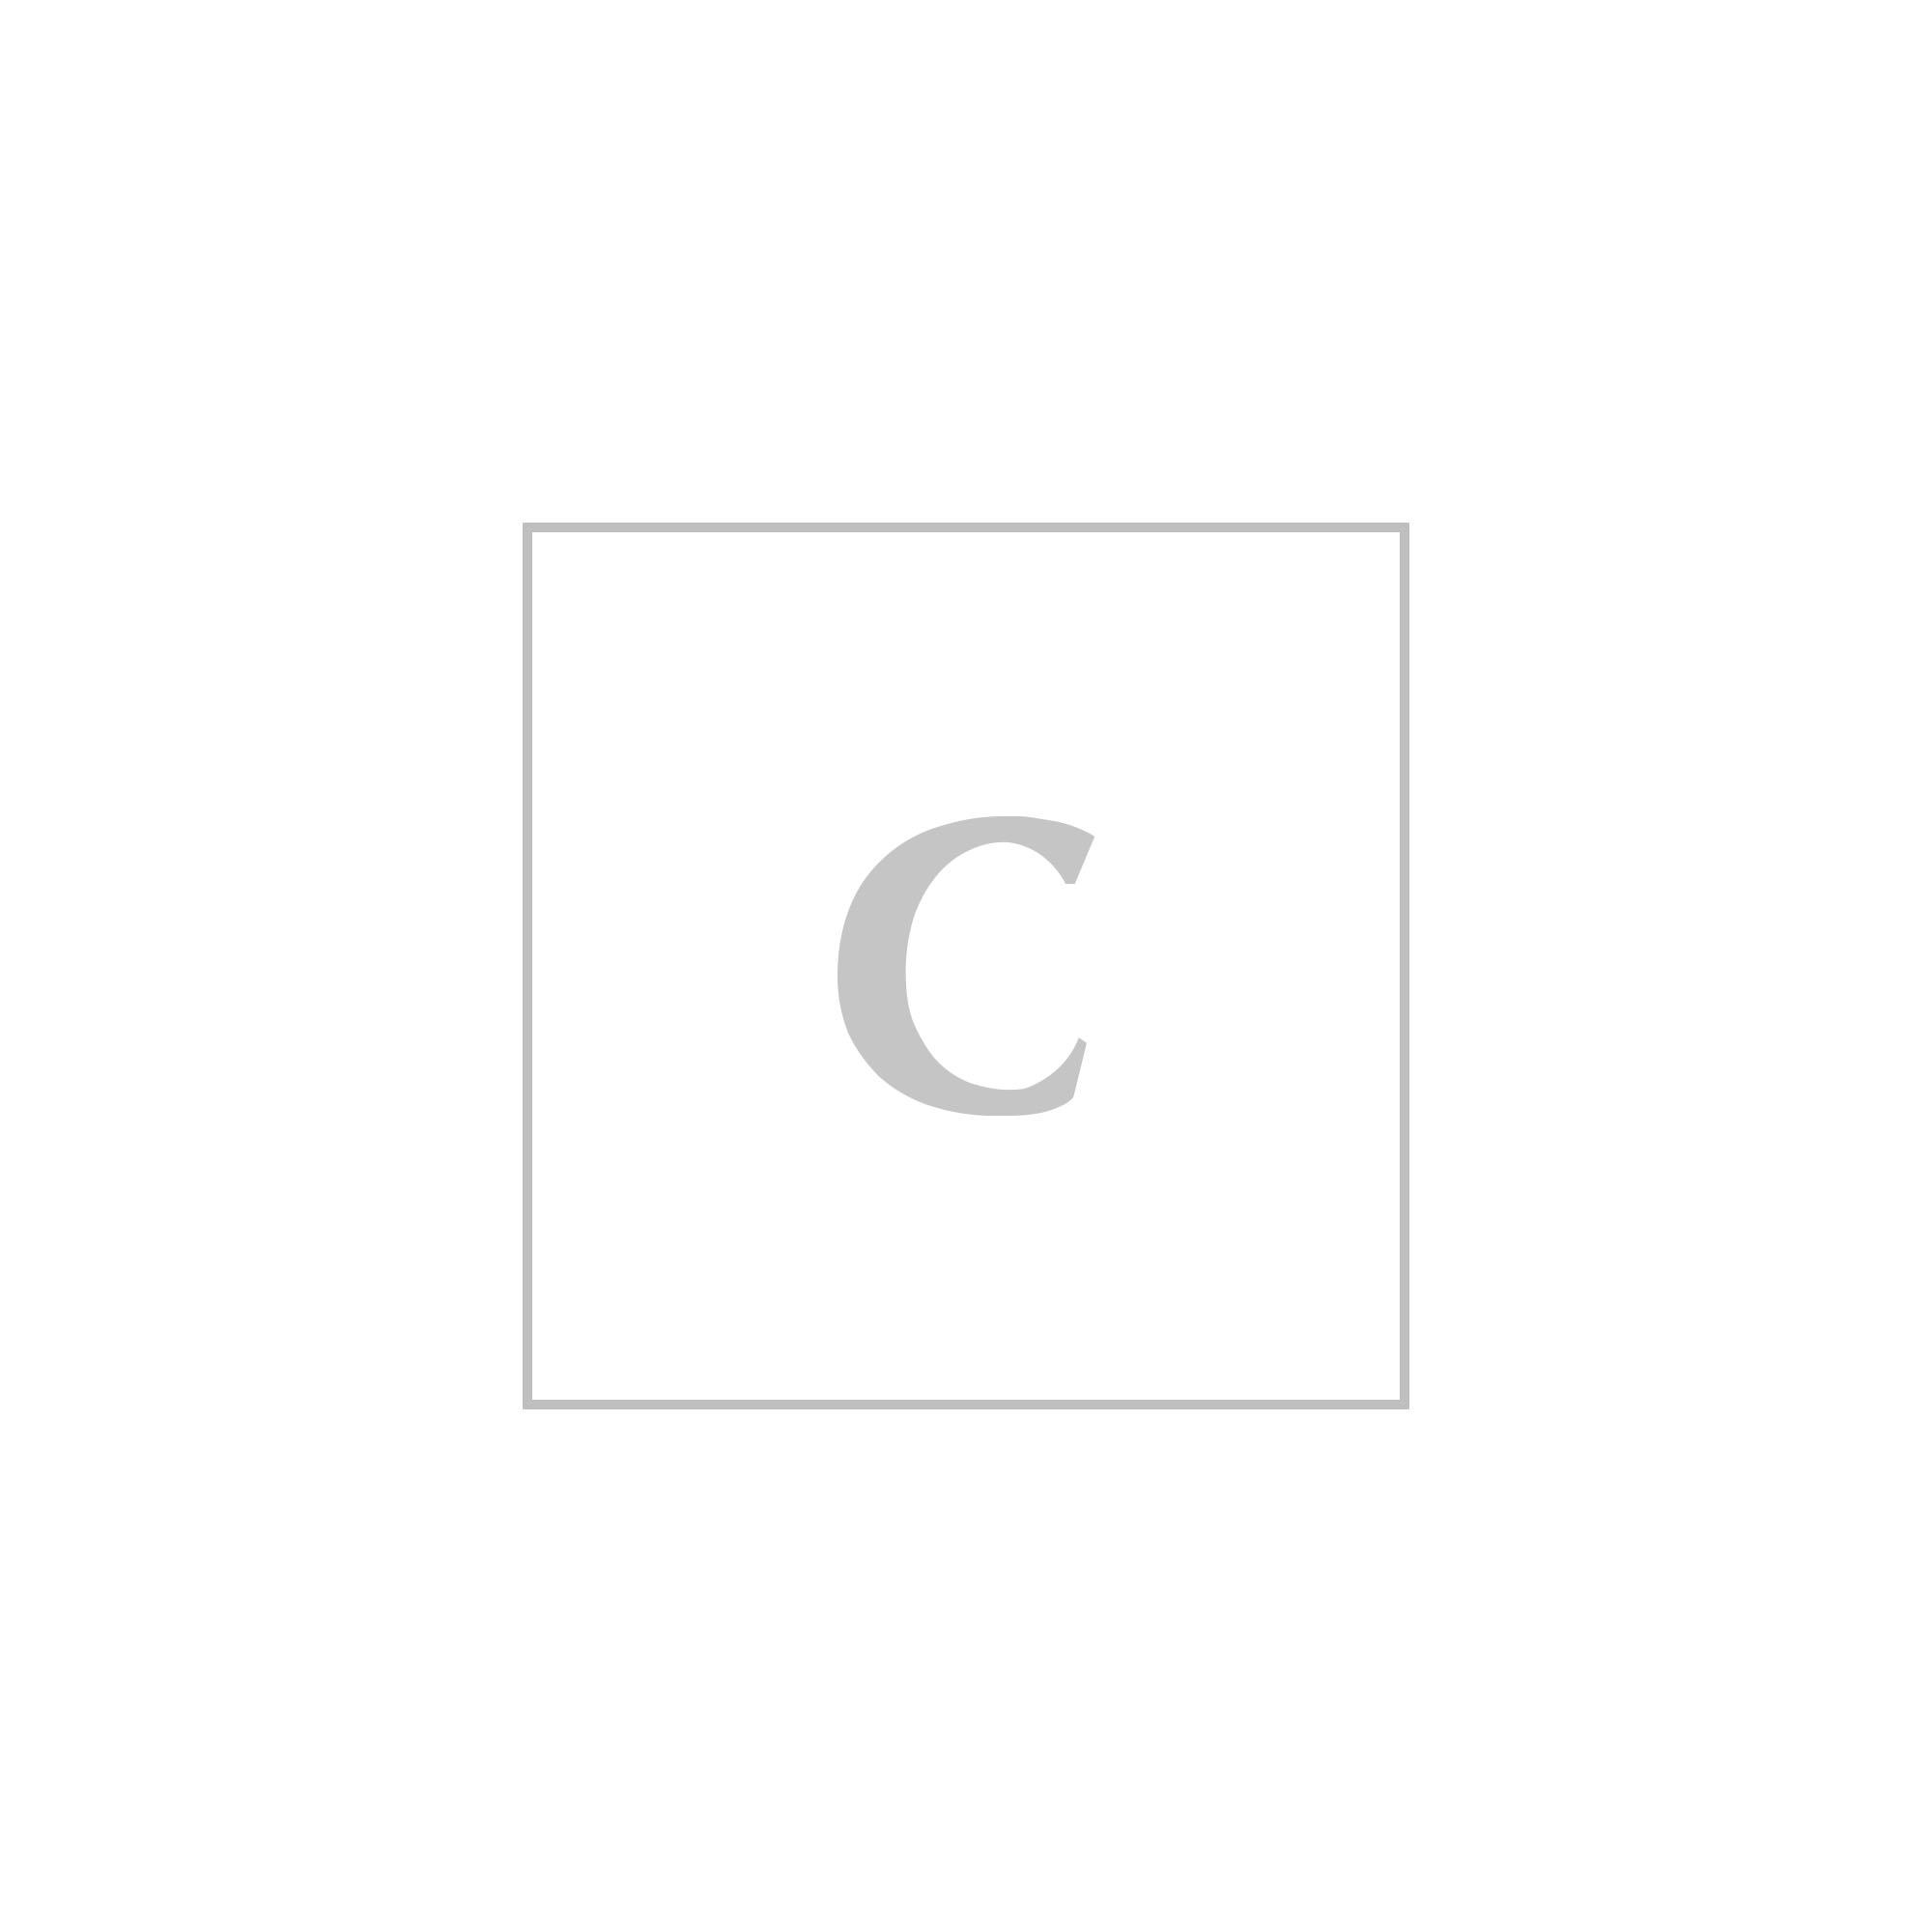 Dolce & gabbana borsa sicily vitello stampa dauphine